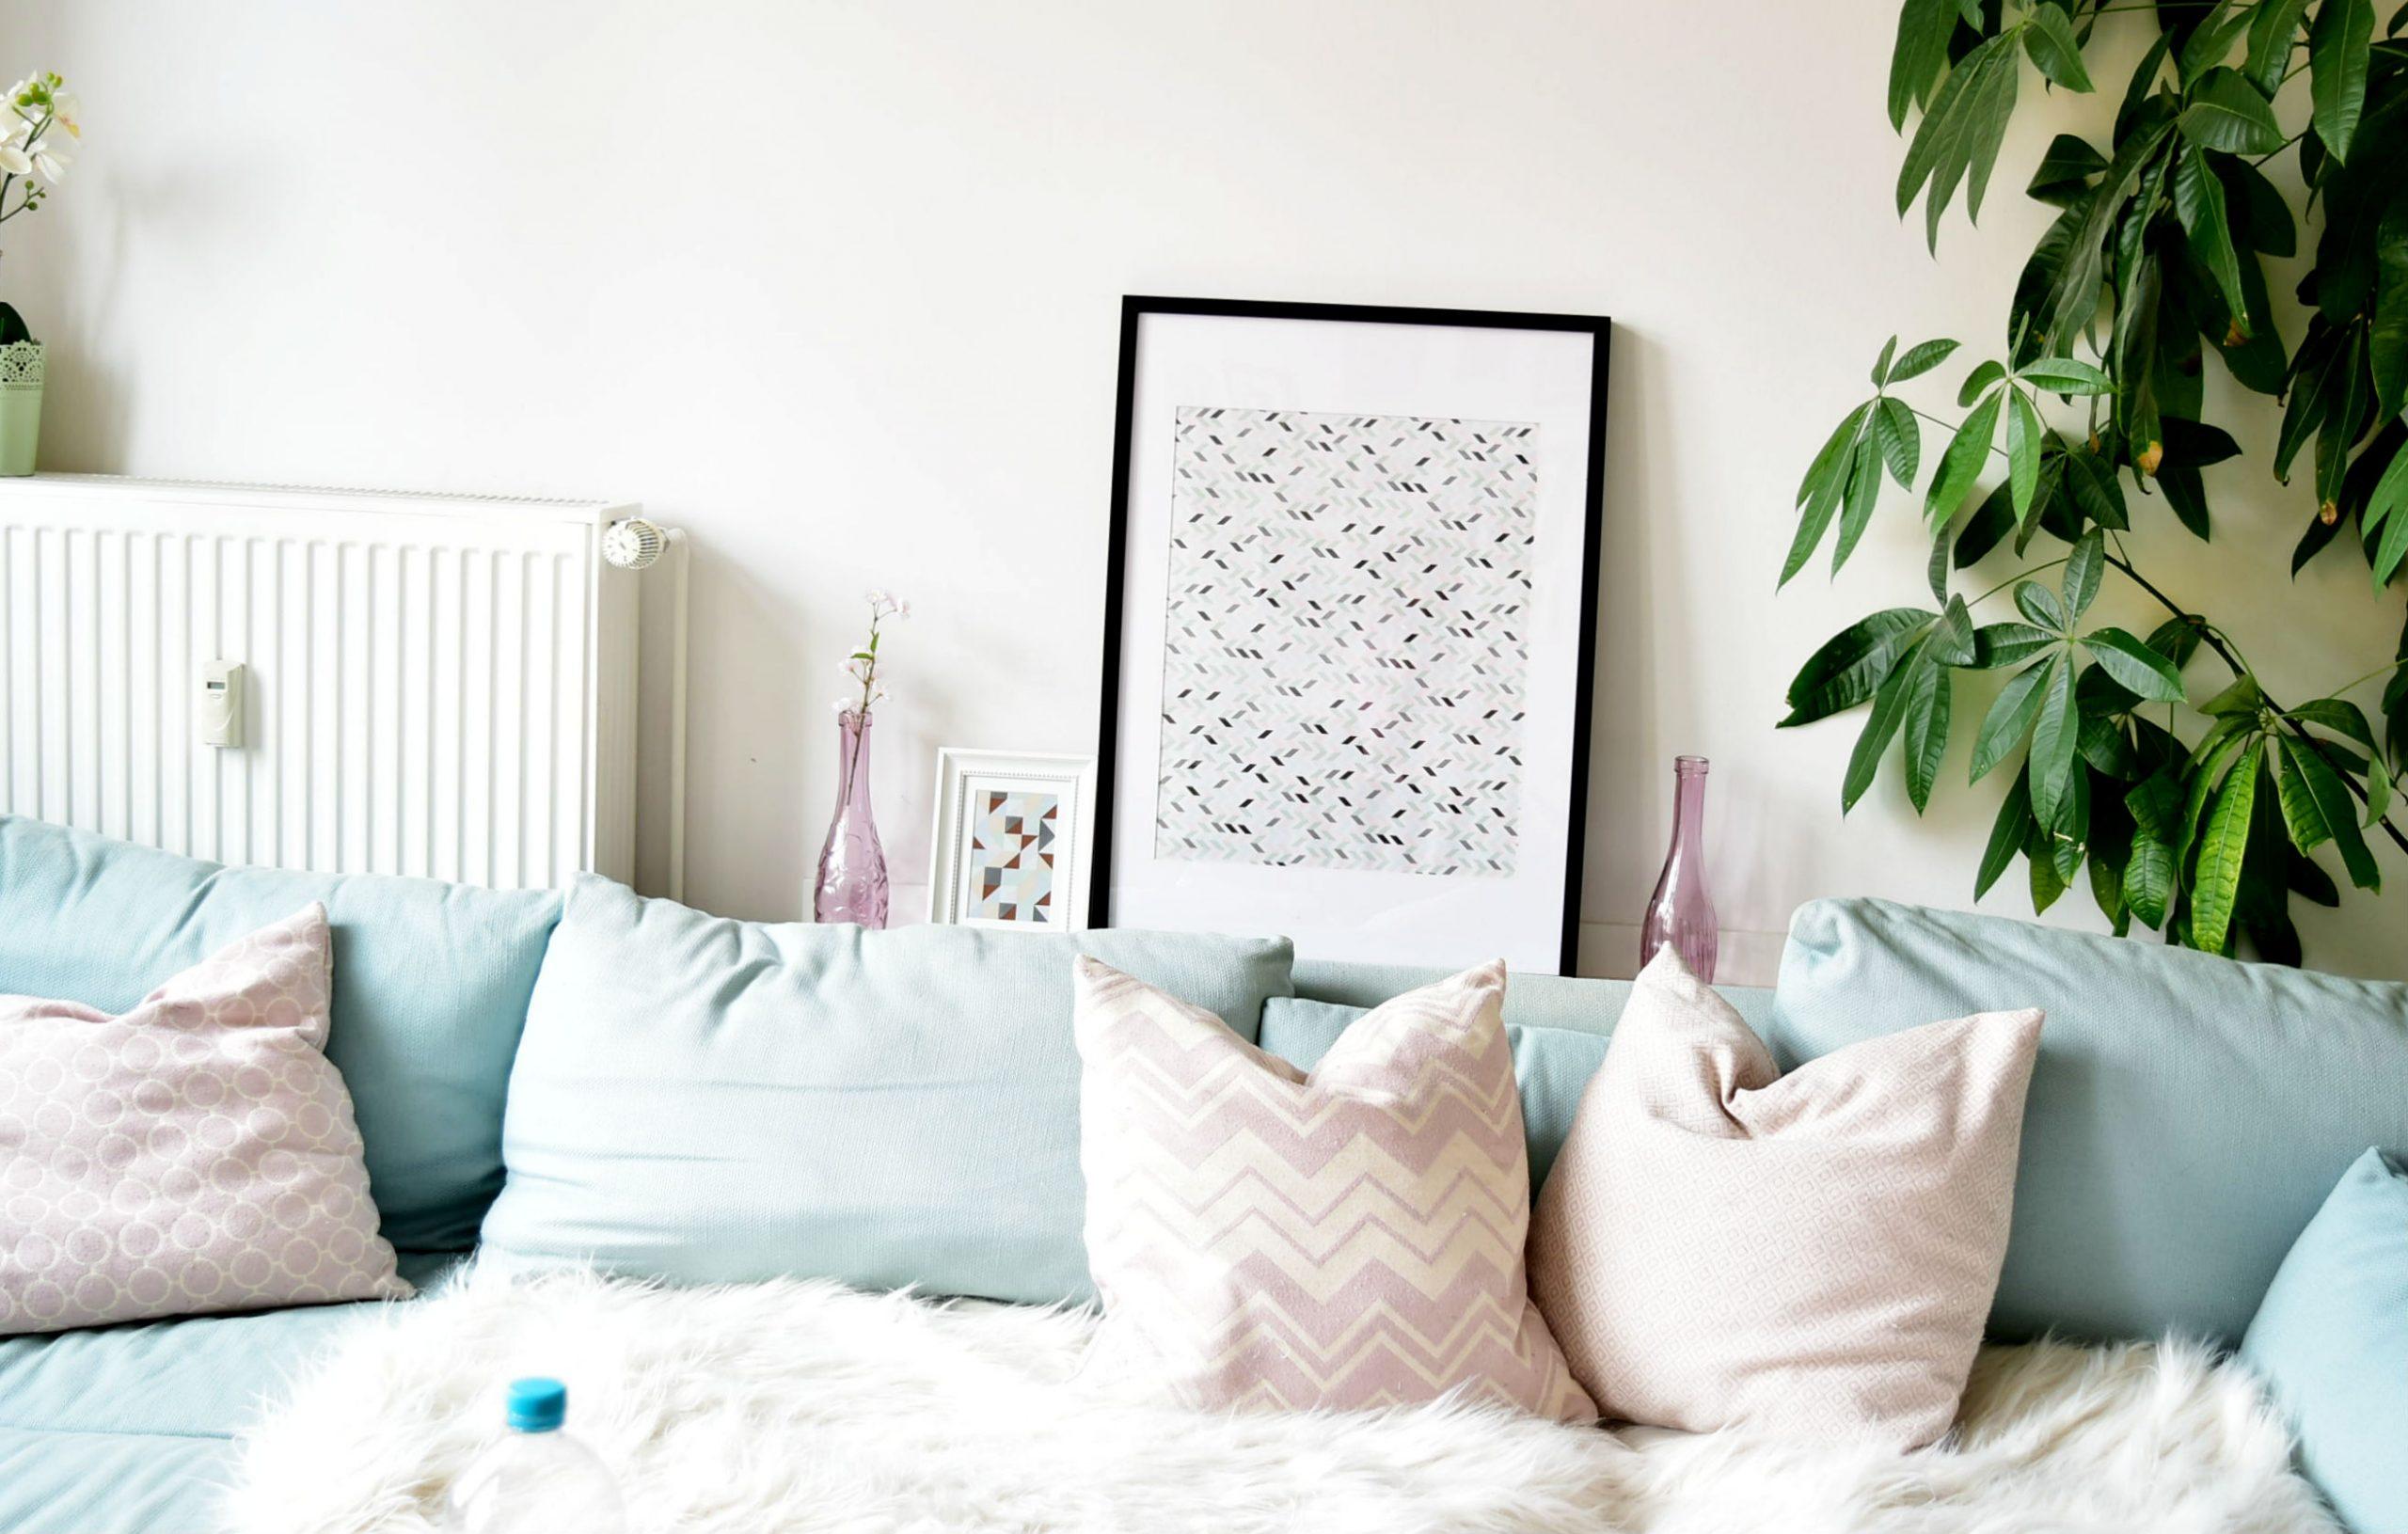 Full Size of Homestory Wohn Schlafzimmer Dekoration Wandbilder Komplett Günstig Mit überbau Sessel Deckenlampe Deckenleuchten Eckschrank Landhausstil Tapeten Truhe Schlafzimmer Wandbilder Schlafzimmer